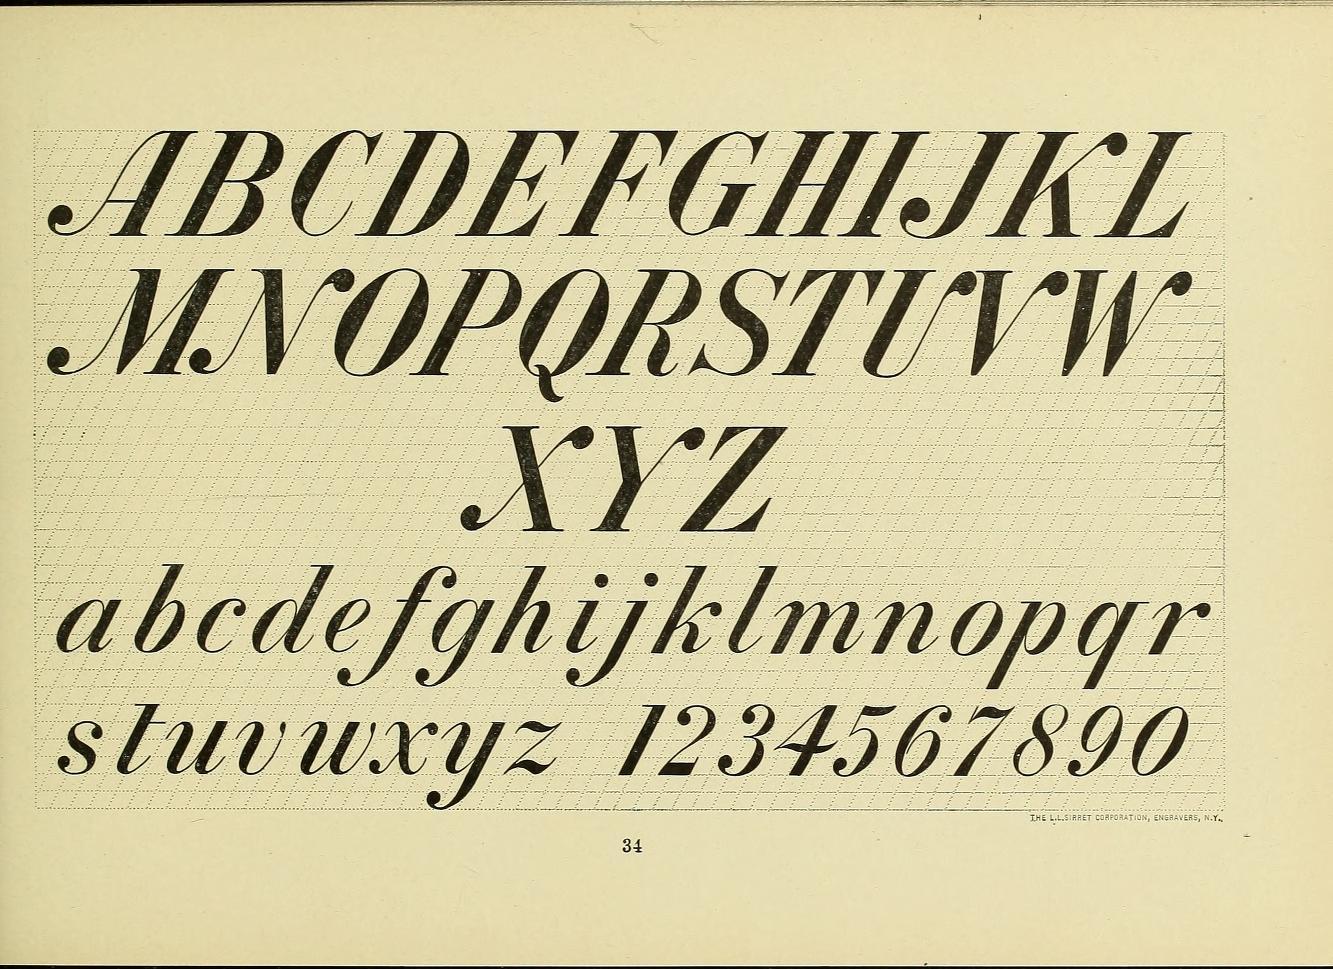 byannika  u00bb lettering  u0026 design  u00bb tips  u0026 ideas on reference materials